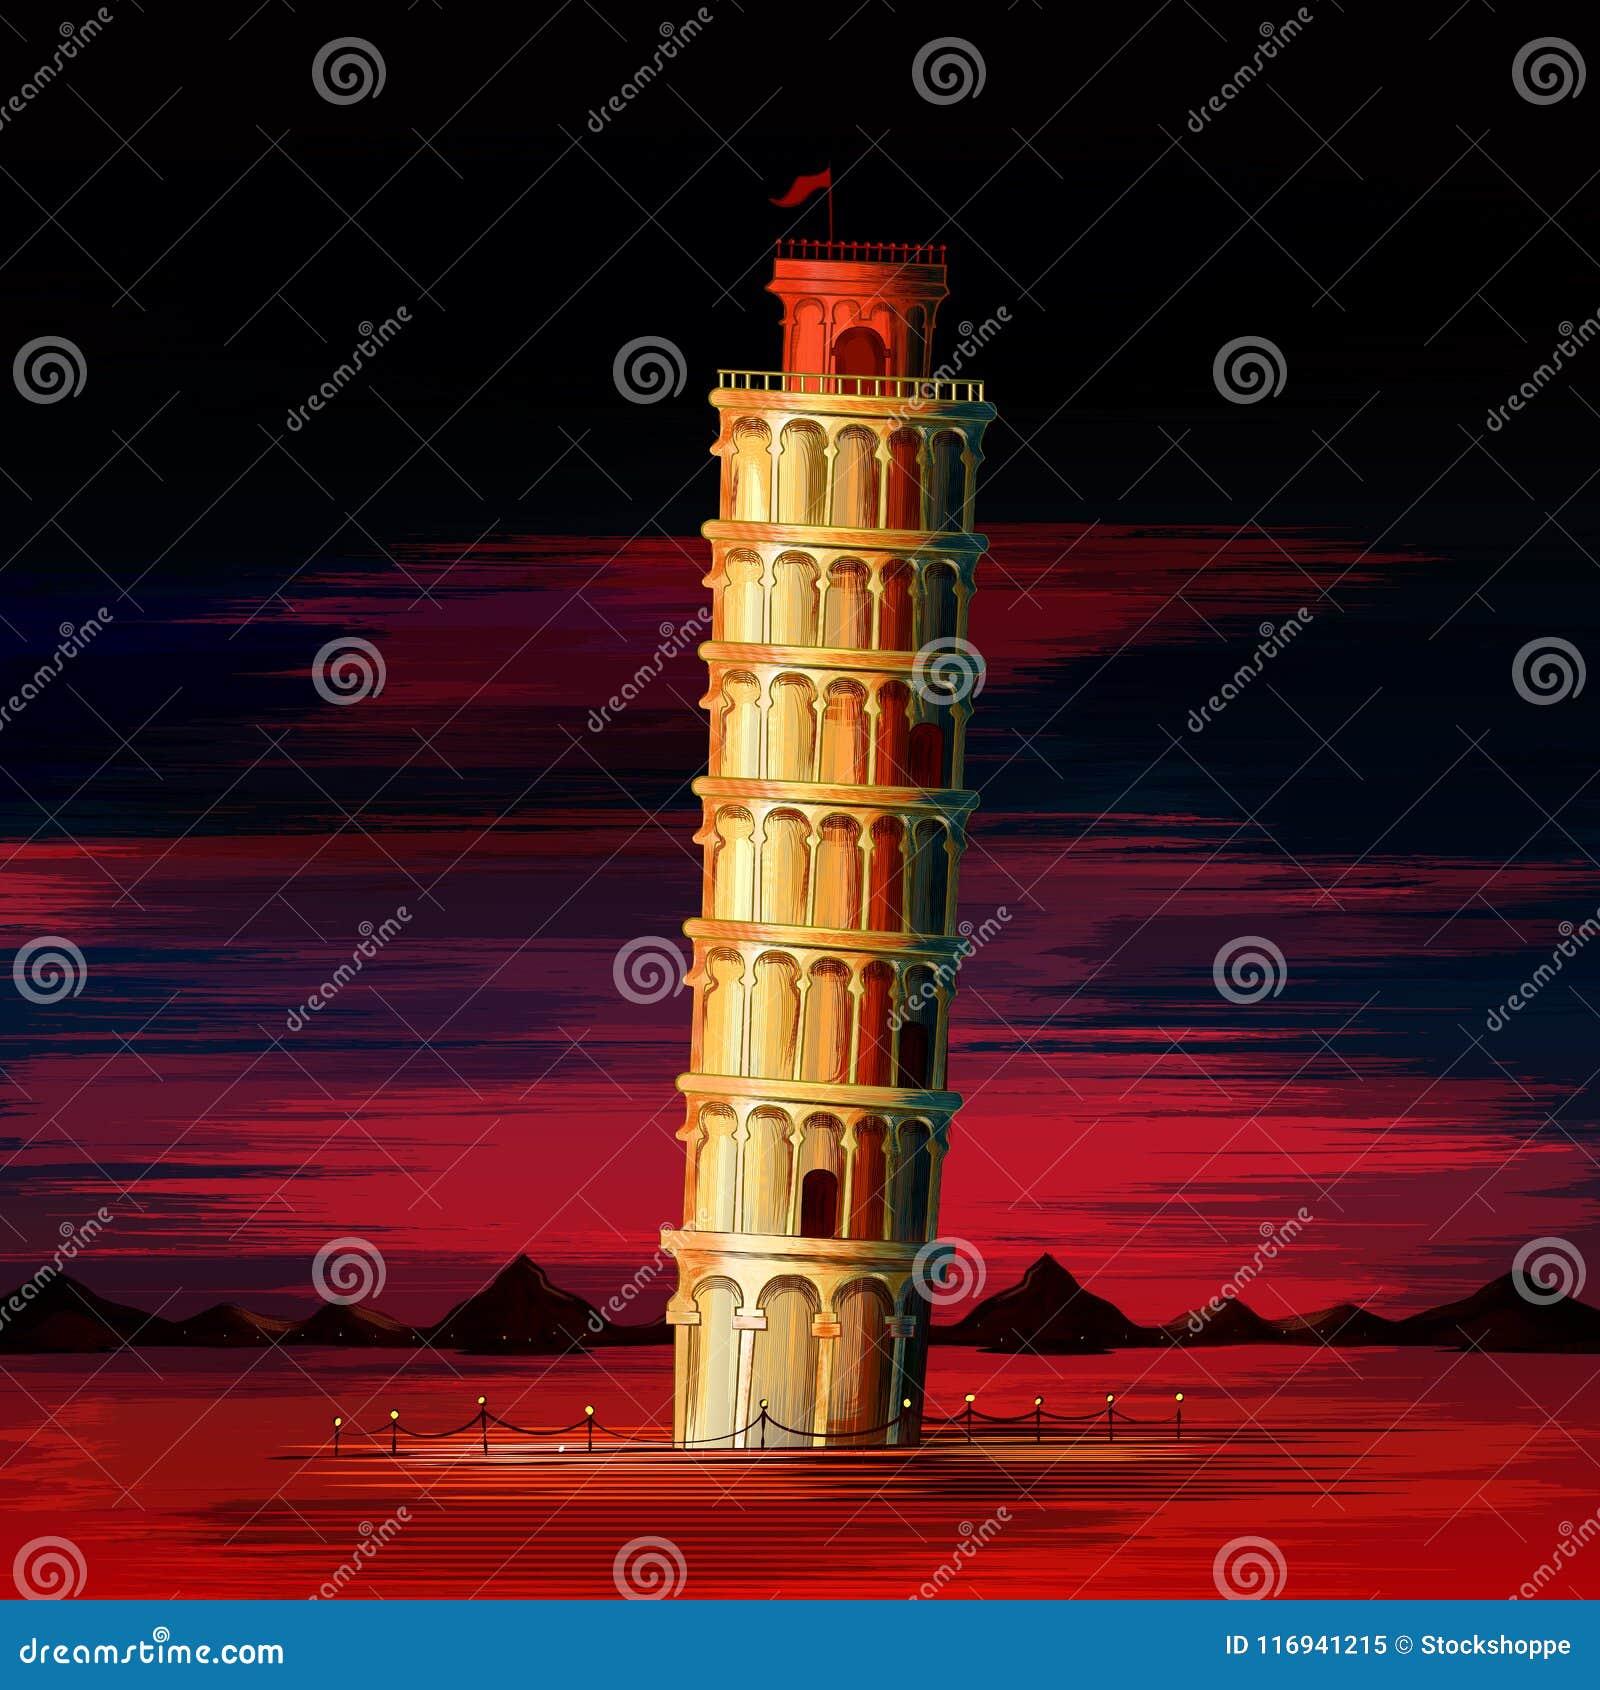 Κλίνοντας πύργος του παγκοσμίως διάσημου ιστορικού μνημείου της Πίζας της Ιταλίας